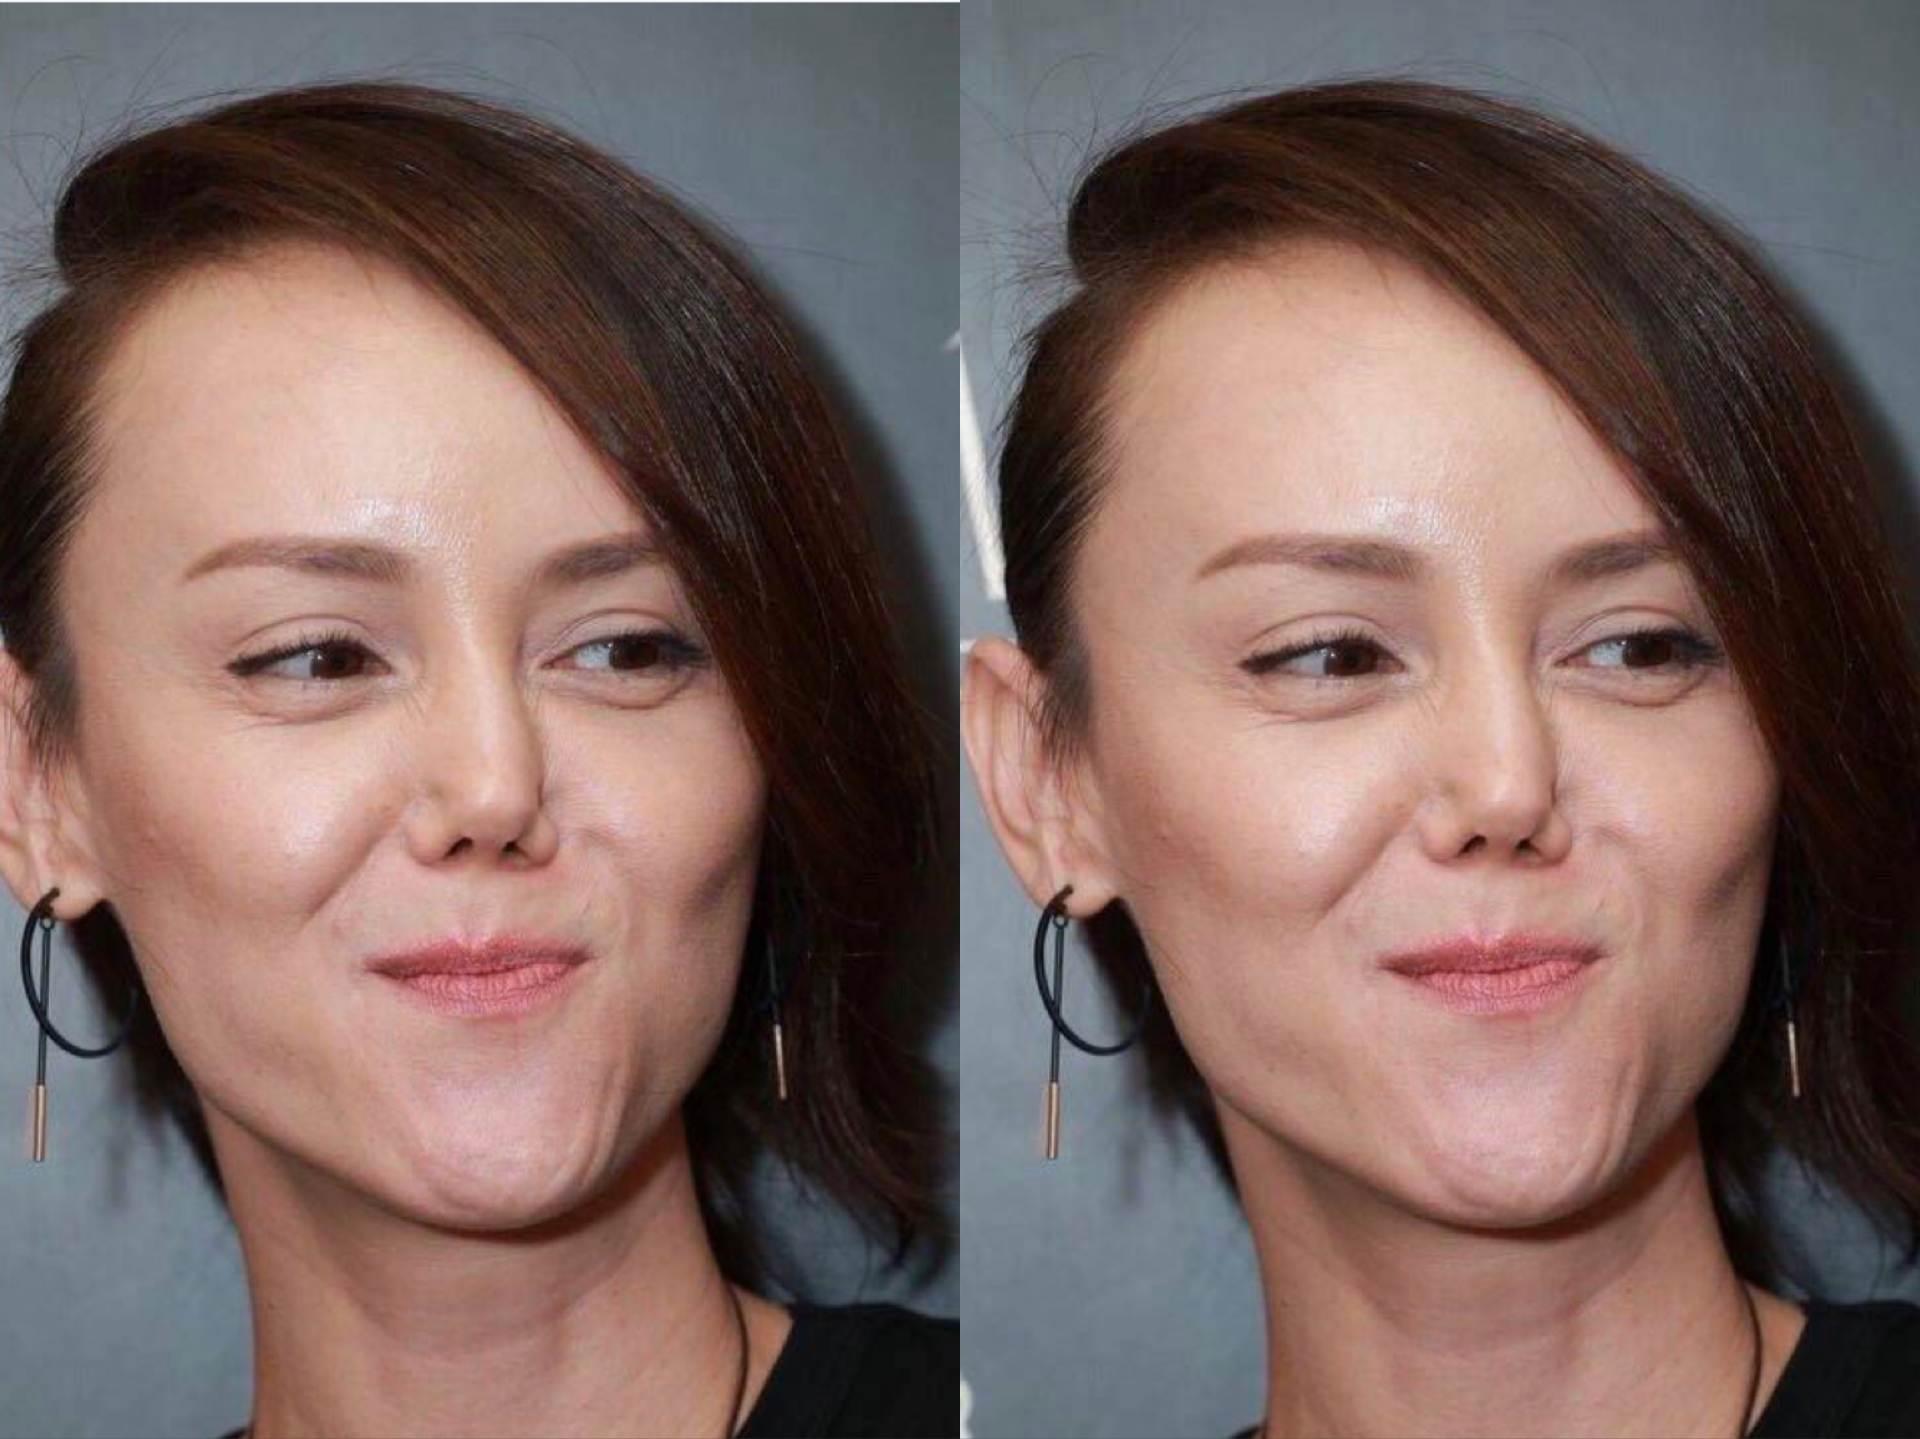 最美亚姐韩君婷宣布破产,欠债高达6位数,洗澡摔断鼻梁遭毁容